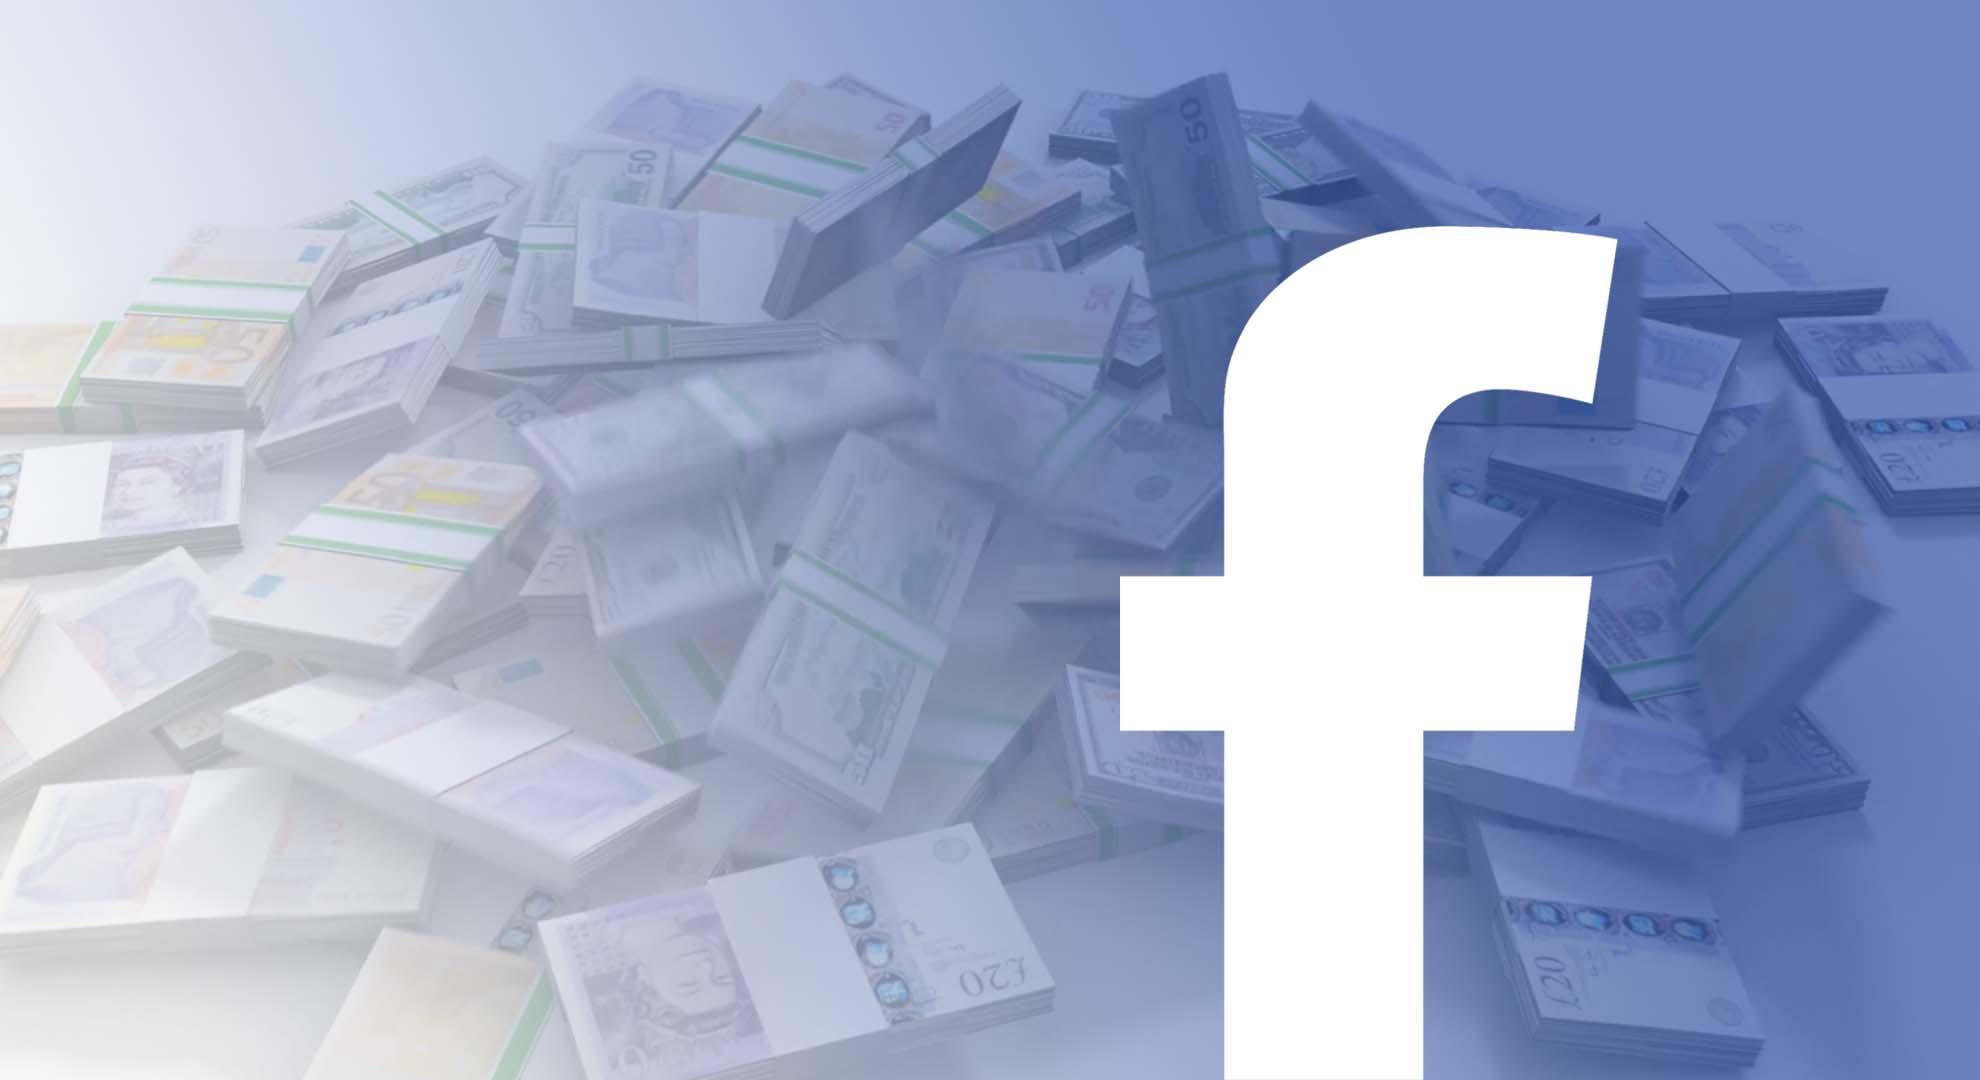 Facebook faces fine